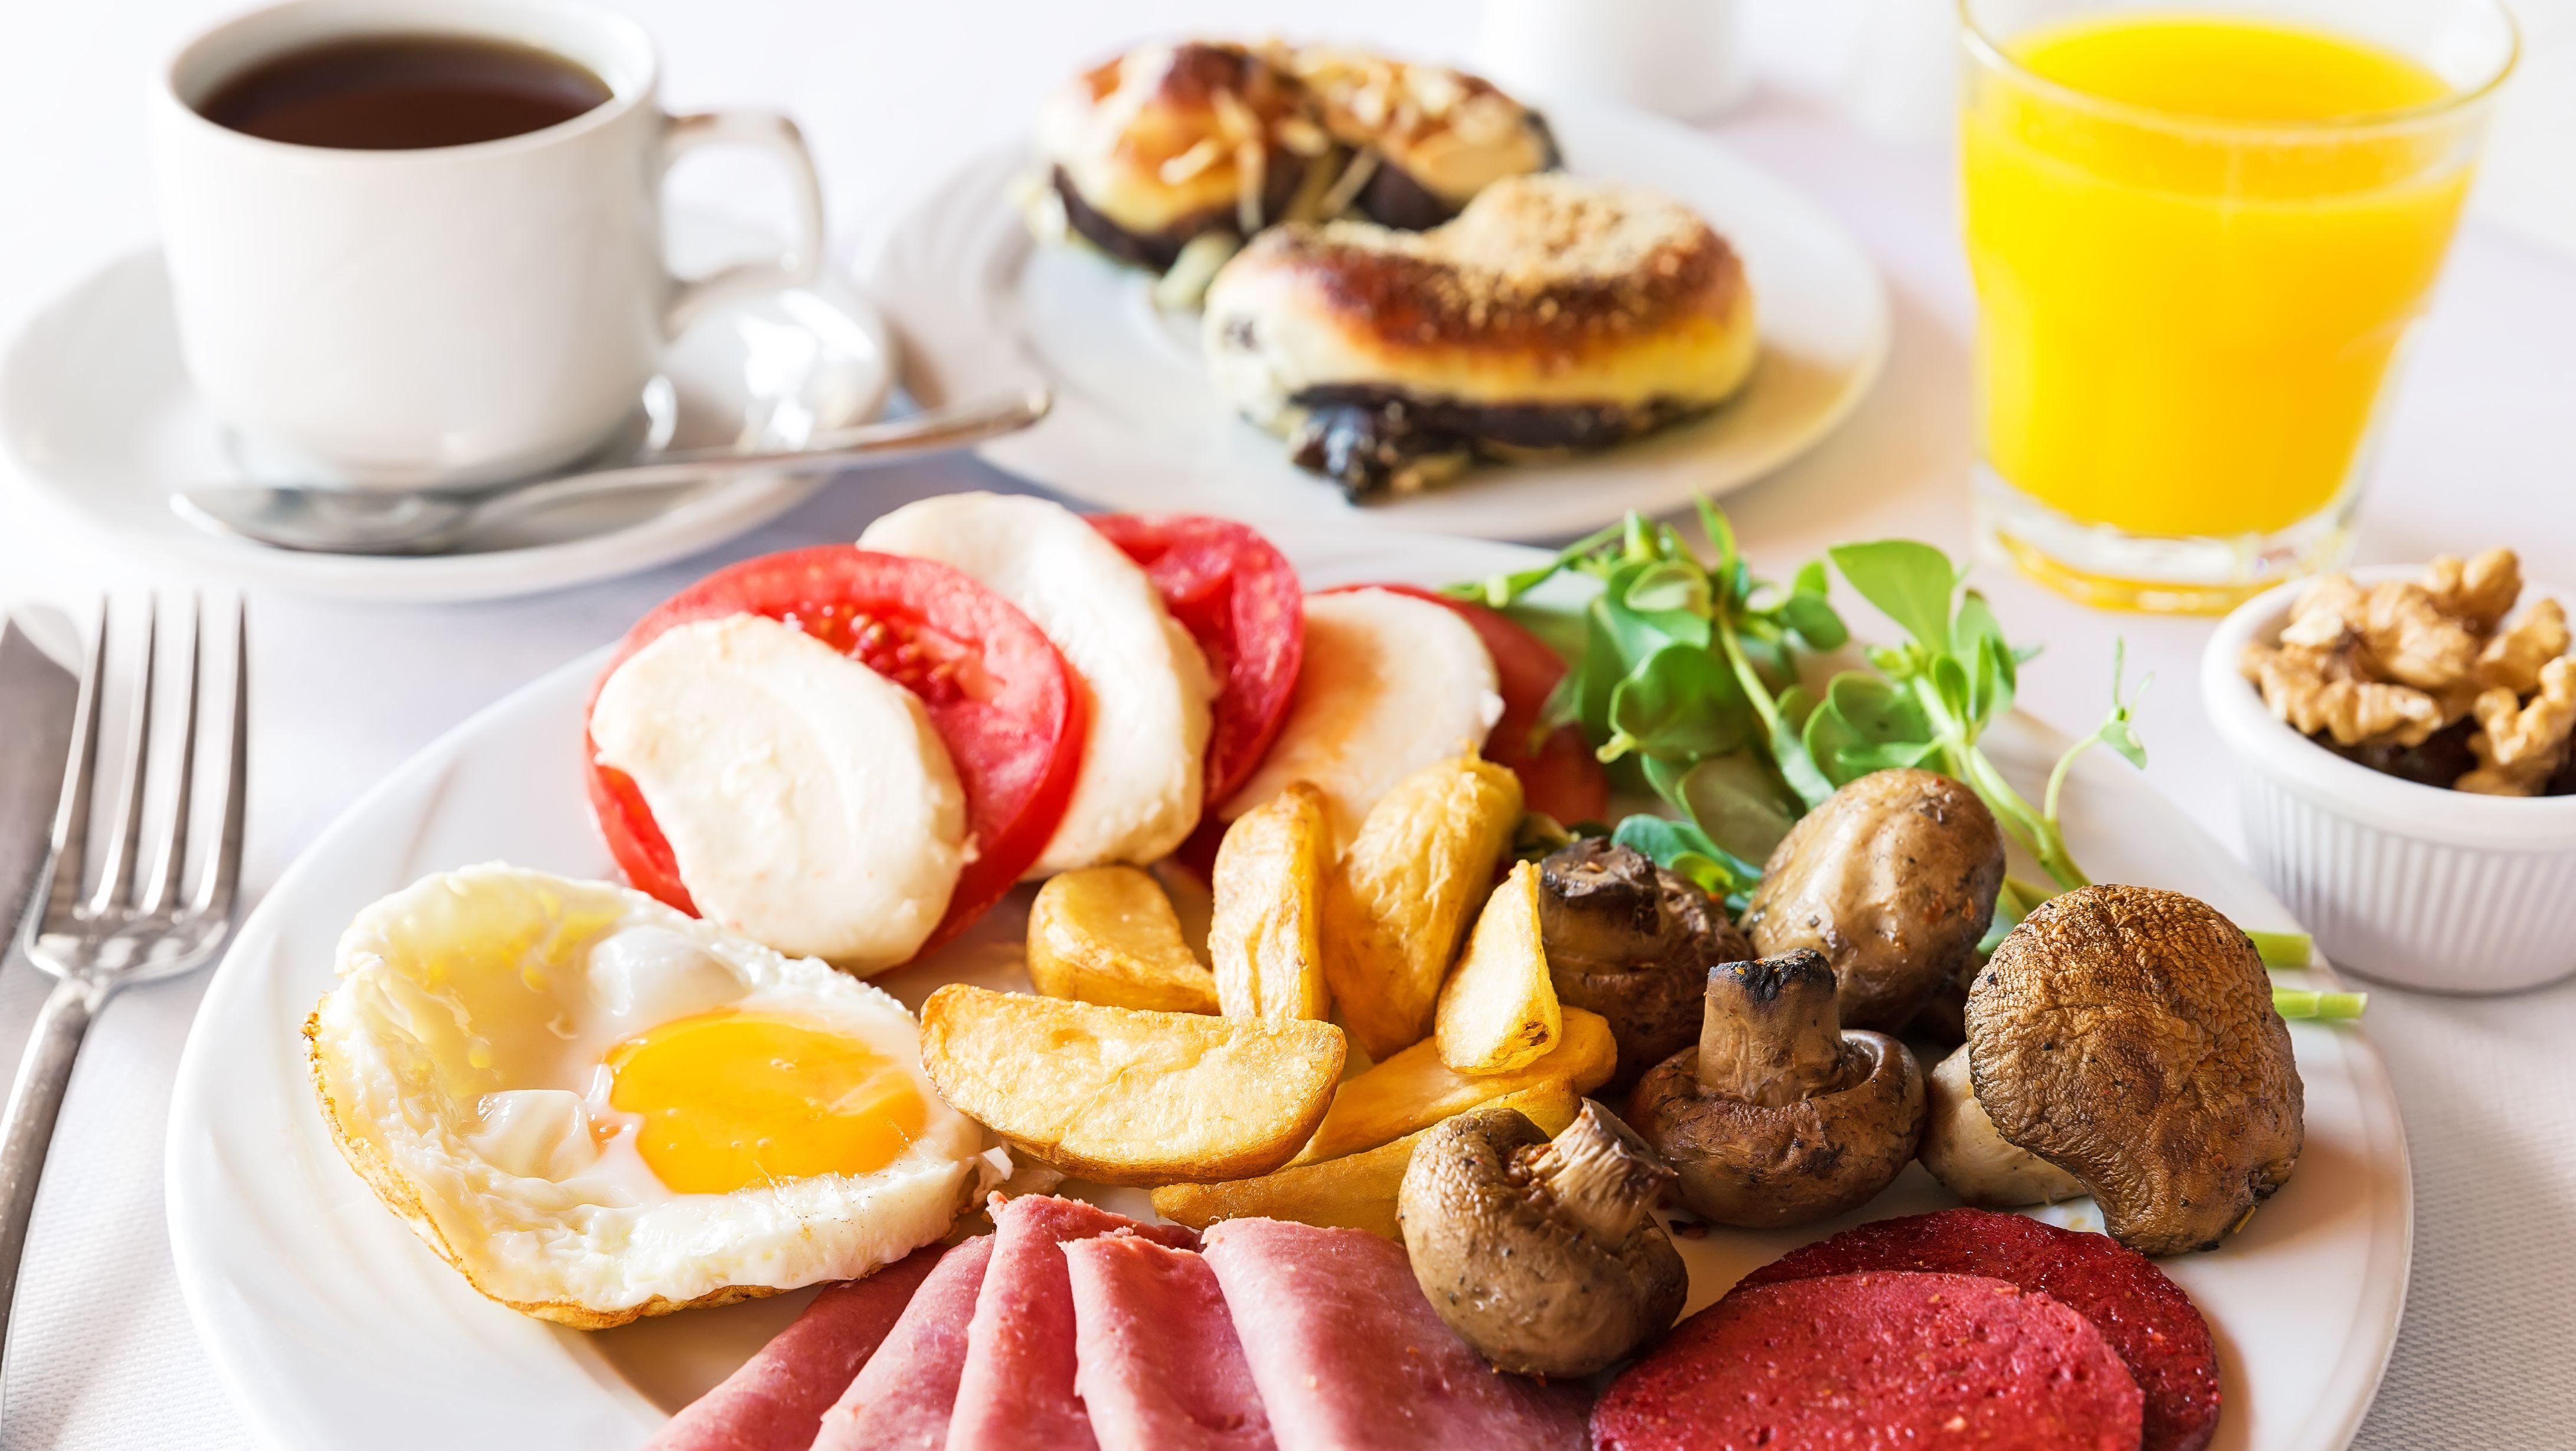 Ein reichhaltig gedeckter Tisch mit Kaffee, Croissants, Orangensaft und ein einen Teller mit Wurstaufschnitt, Pilzen, Tomaten-Mozarella-Salat, Champignons und Spiegeleiern.